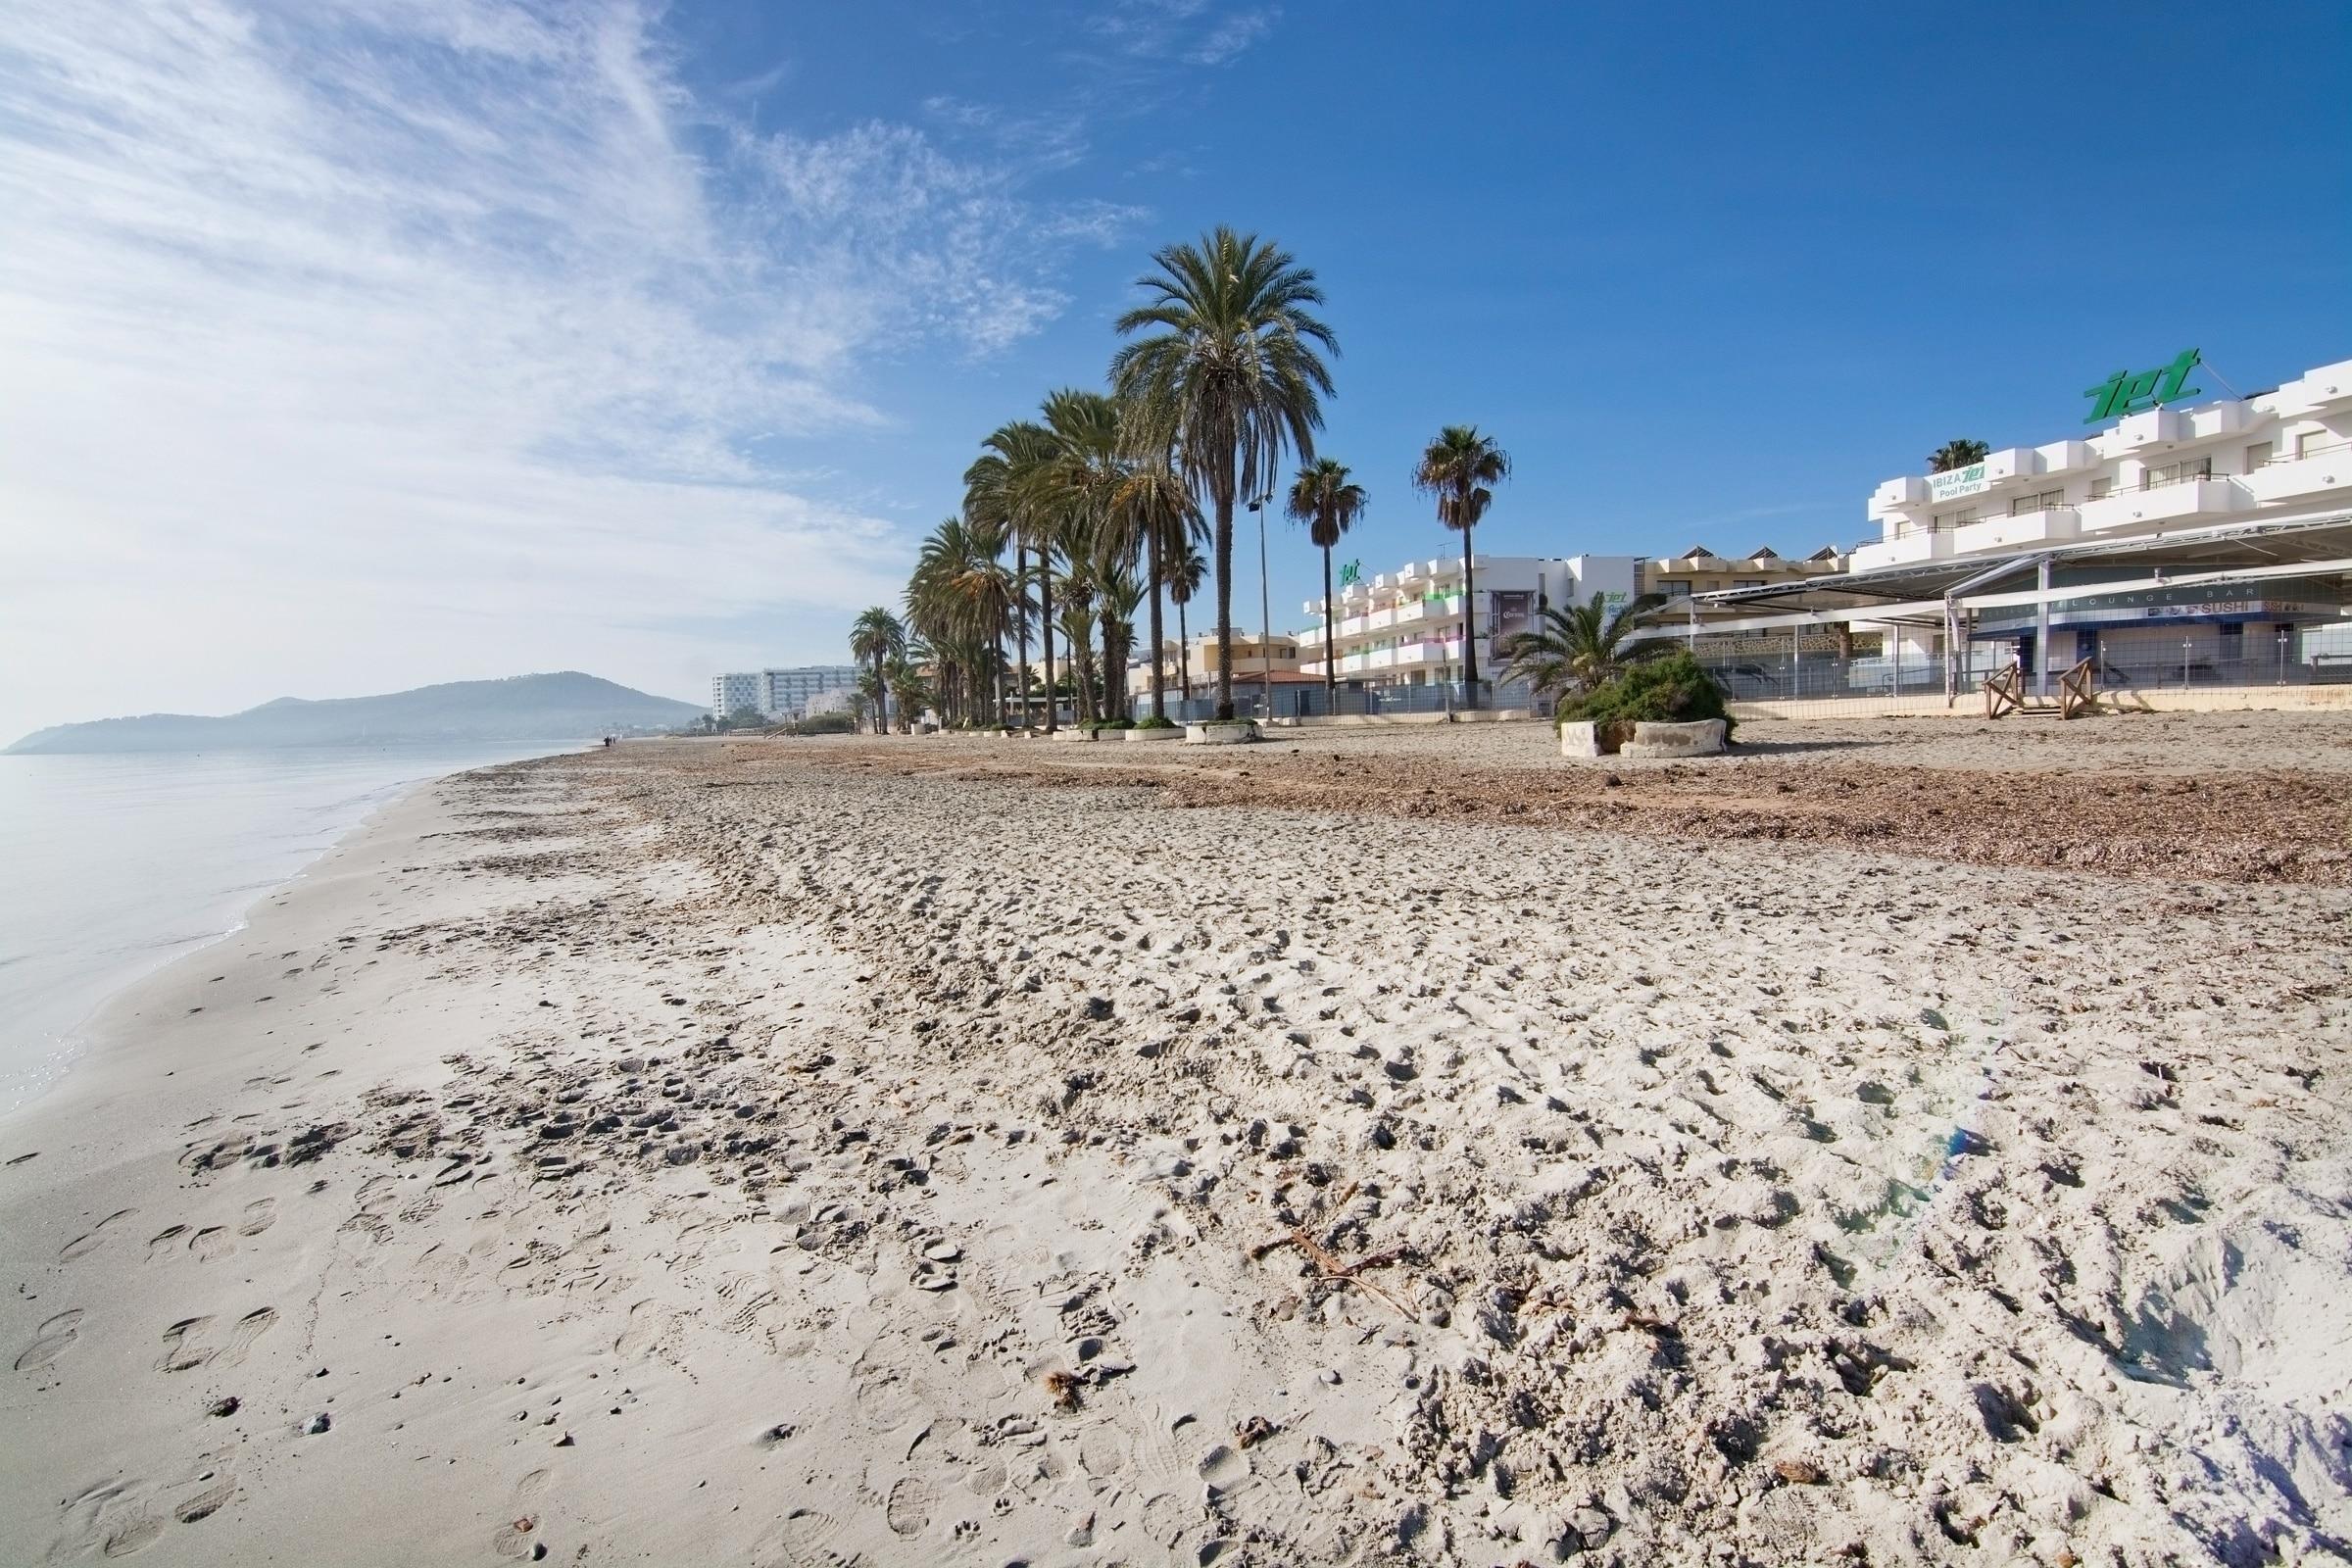 Bossa Beach, Sant Josep de sa Talaia, Balearic Islands, Spain